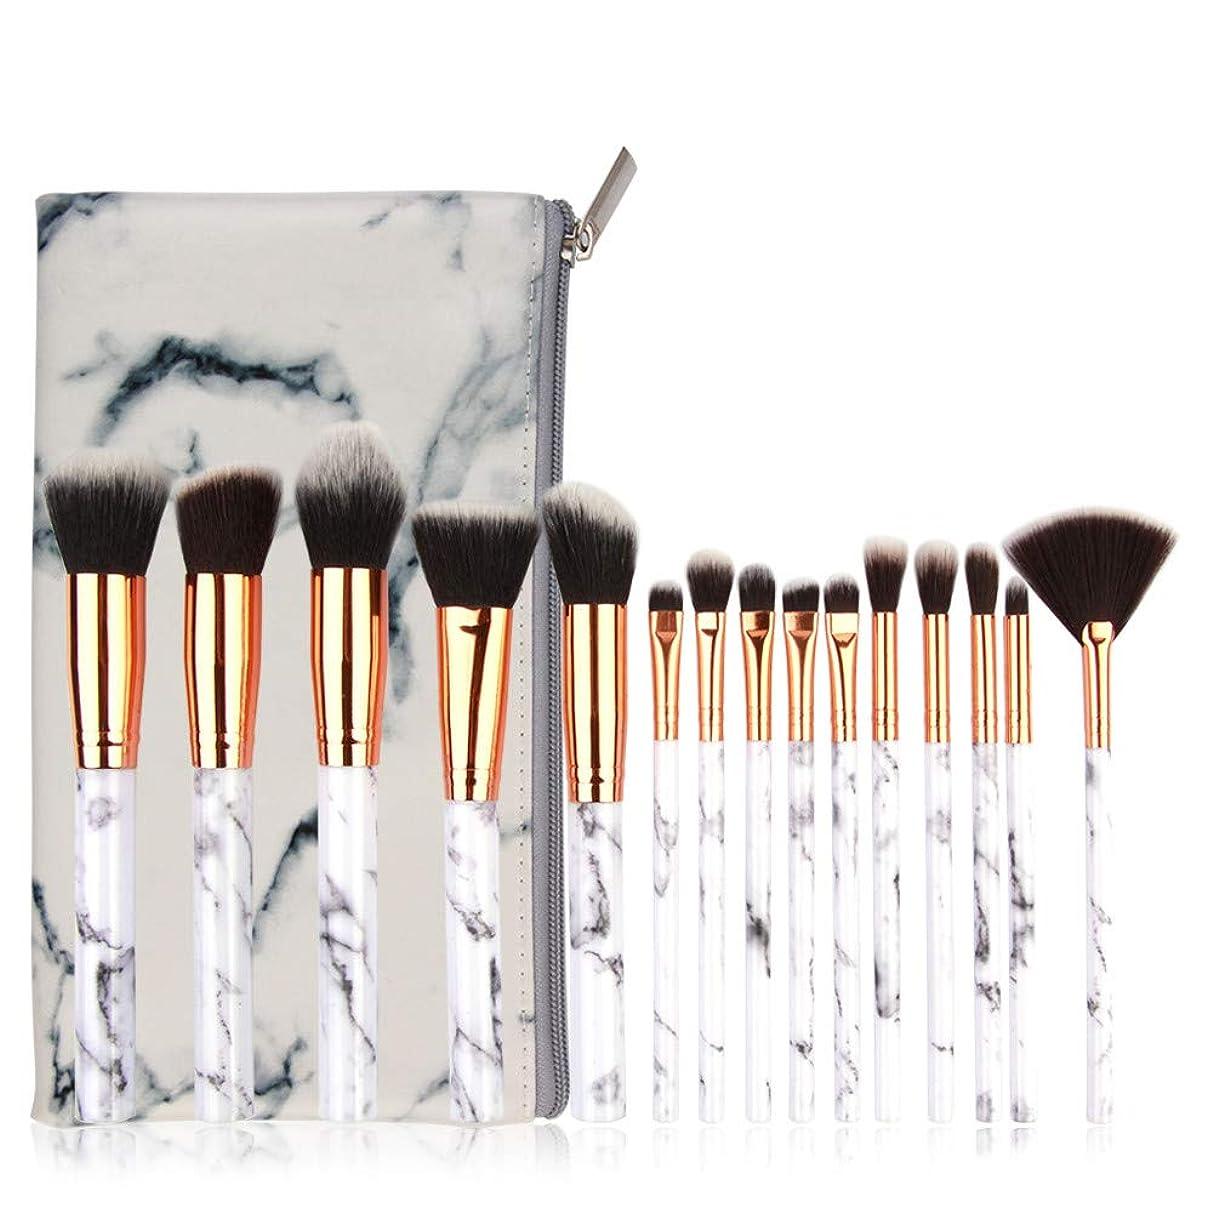 床鉄道駅ジョージバーナードAkane 15本 MAANGE 大理石紋 超気質的 優雅 多機能 高級 綺麗 魅力 柔らかい 上等な使用感 たっぷり 激安 日常 仕事 おしゃれ 簡単使い Makeup Brush メイクアップブラシ (3タイプ) MAG5690 (ブラシとポーチ)